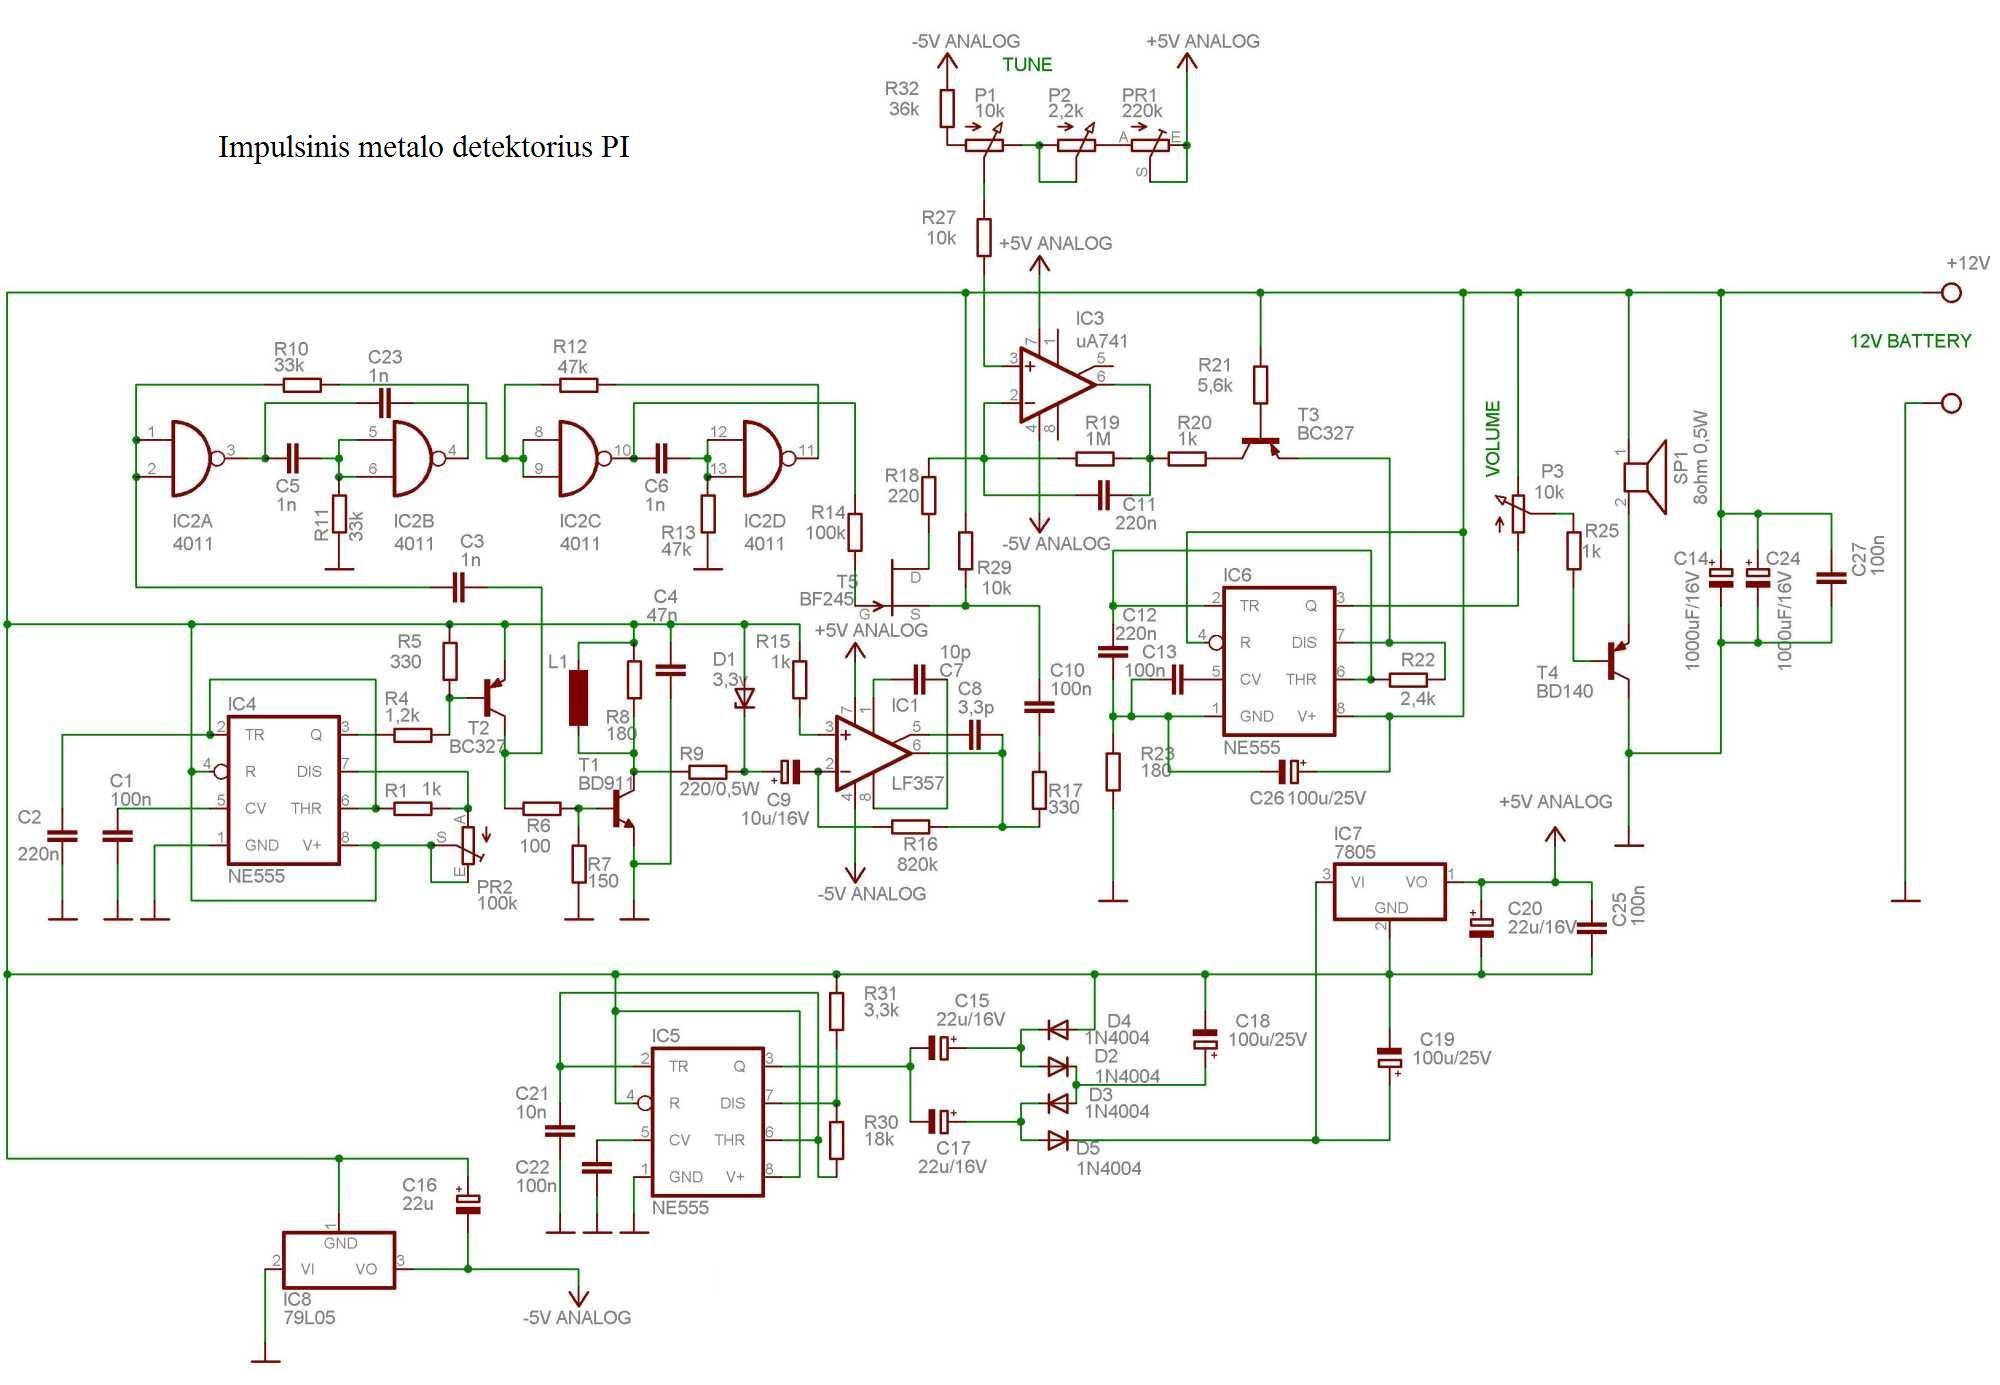 Shema metal detektora (klik za povećanje)